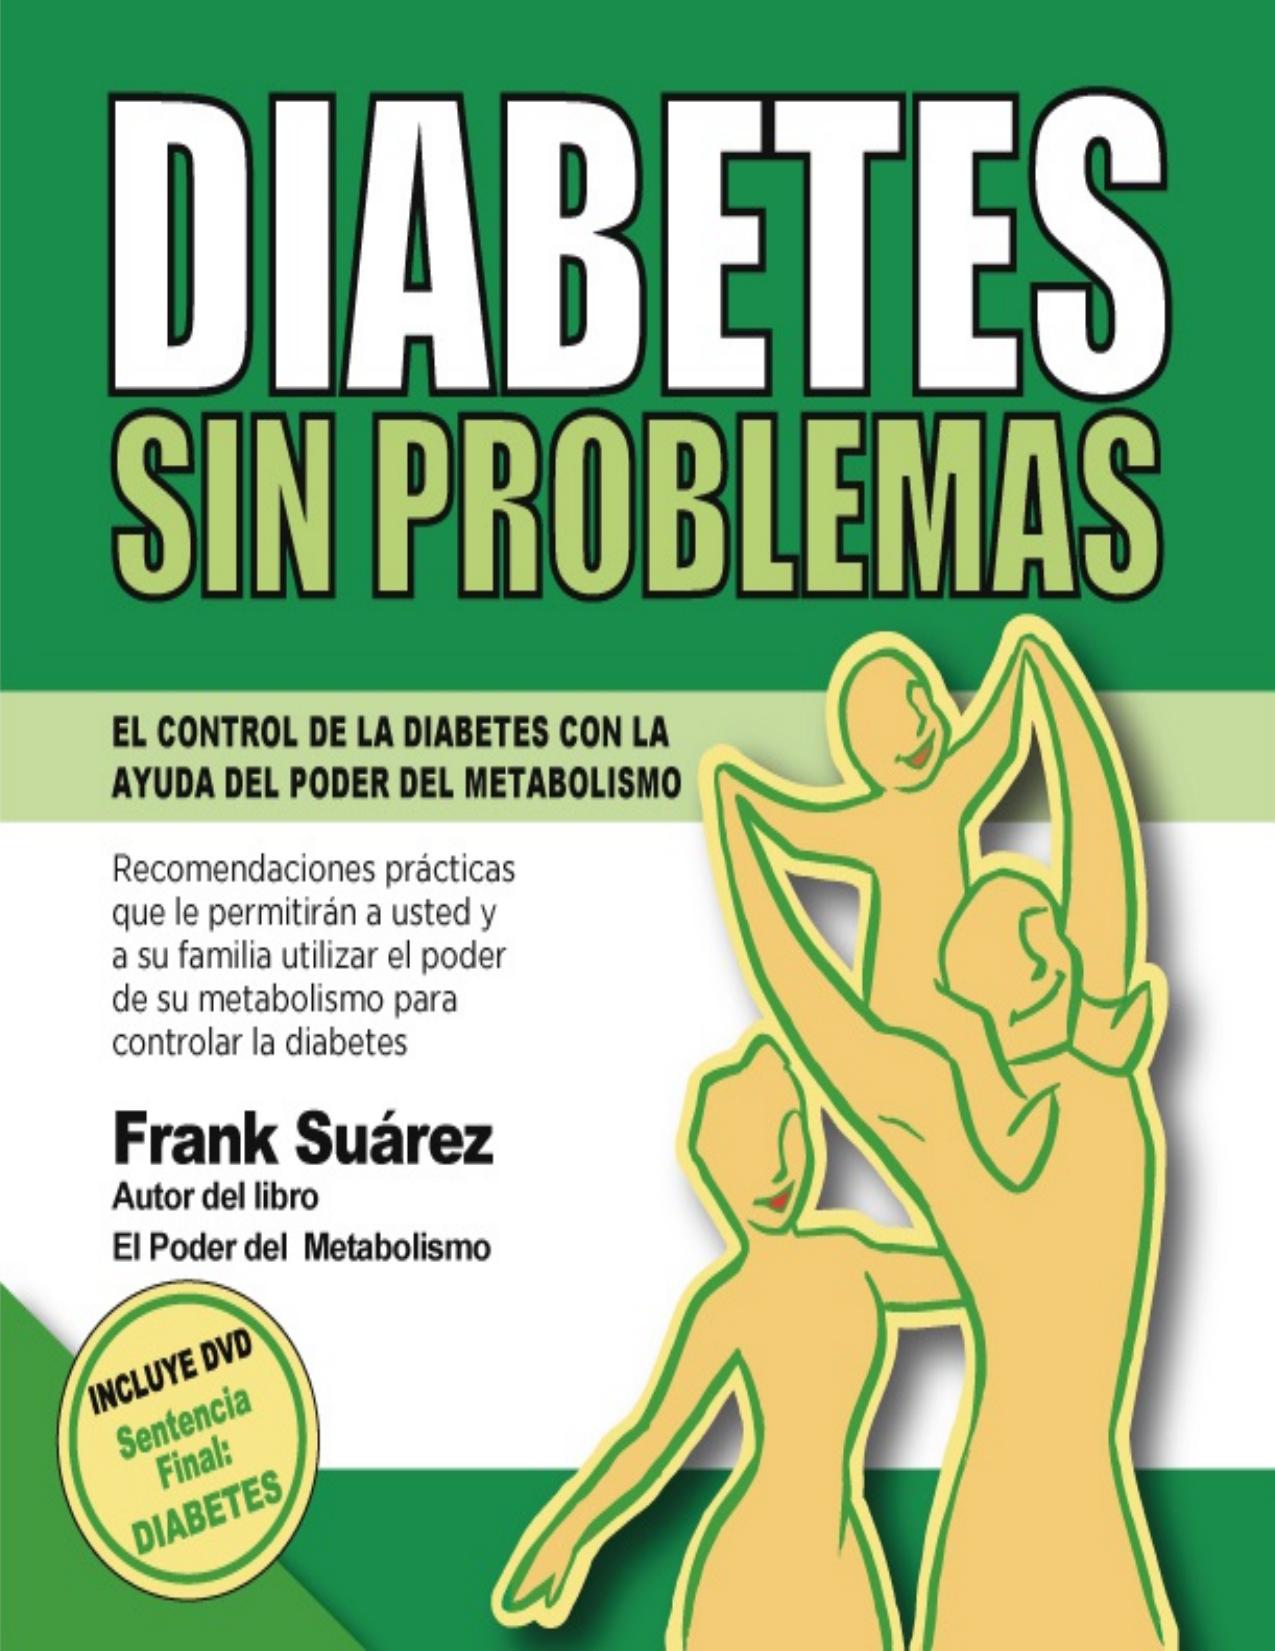 notas de estudiantes de medicina de diabetes explicando